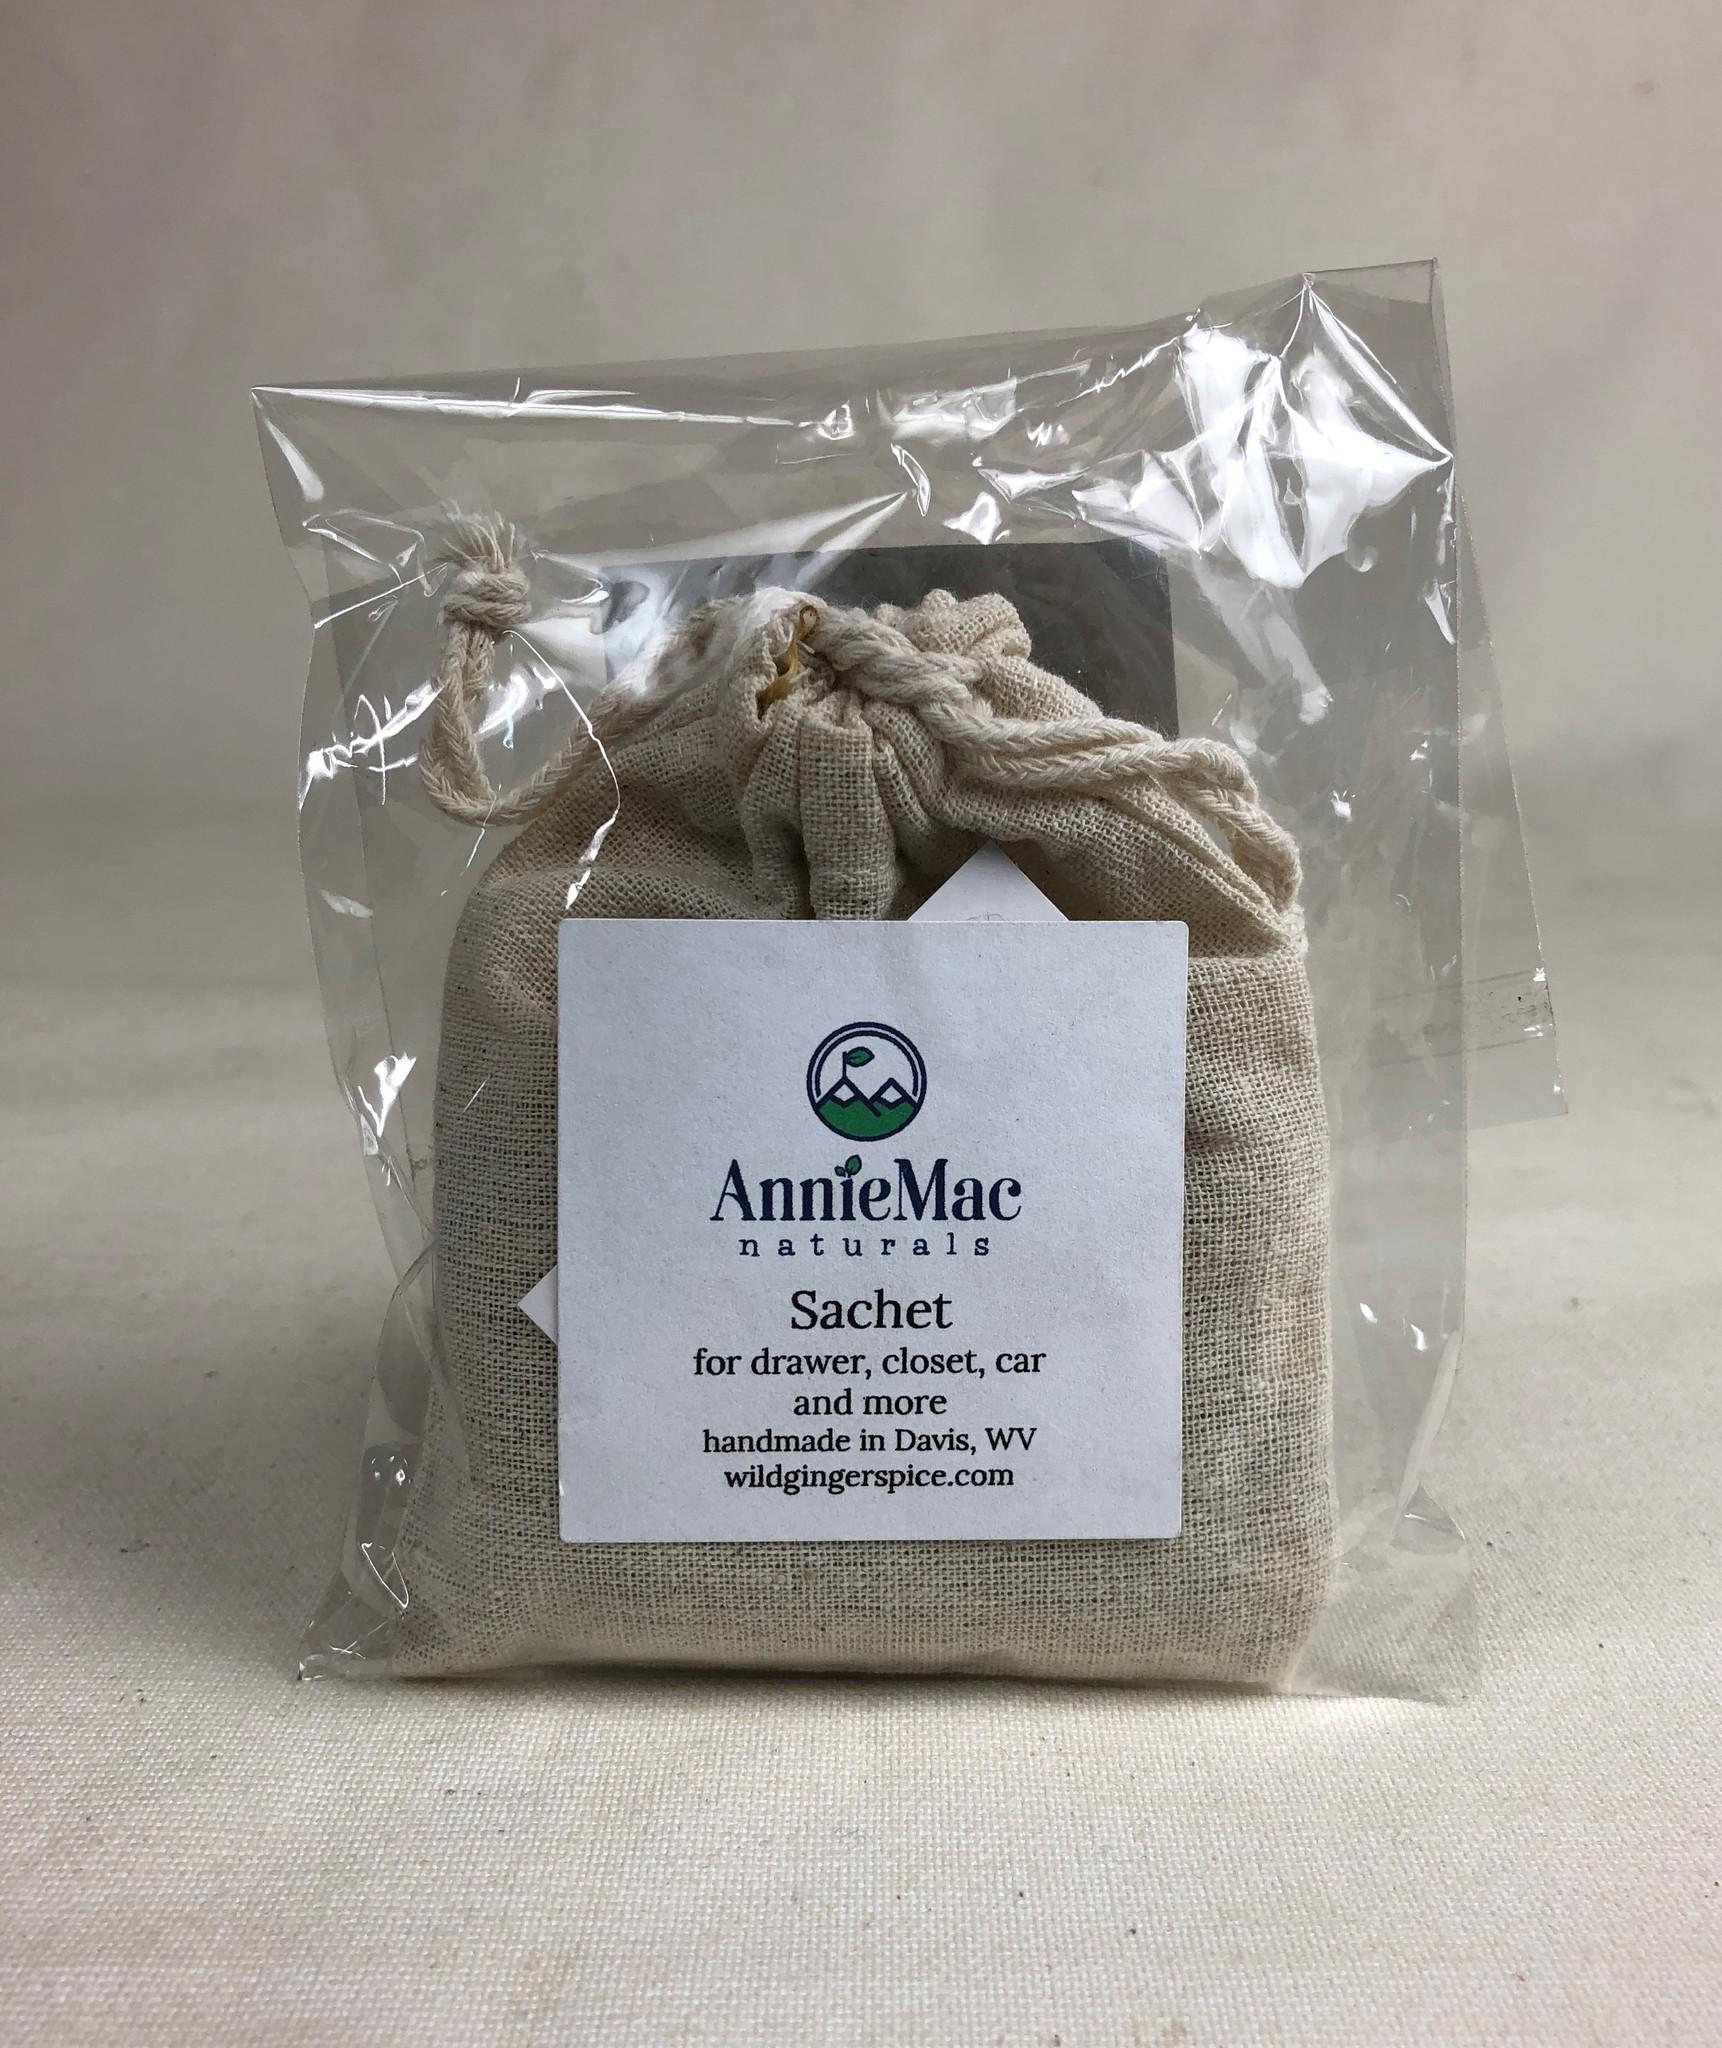 Annie Mac WG&S Annie Mac WG&S Sachet Lavender